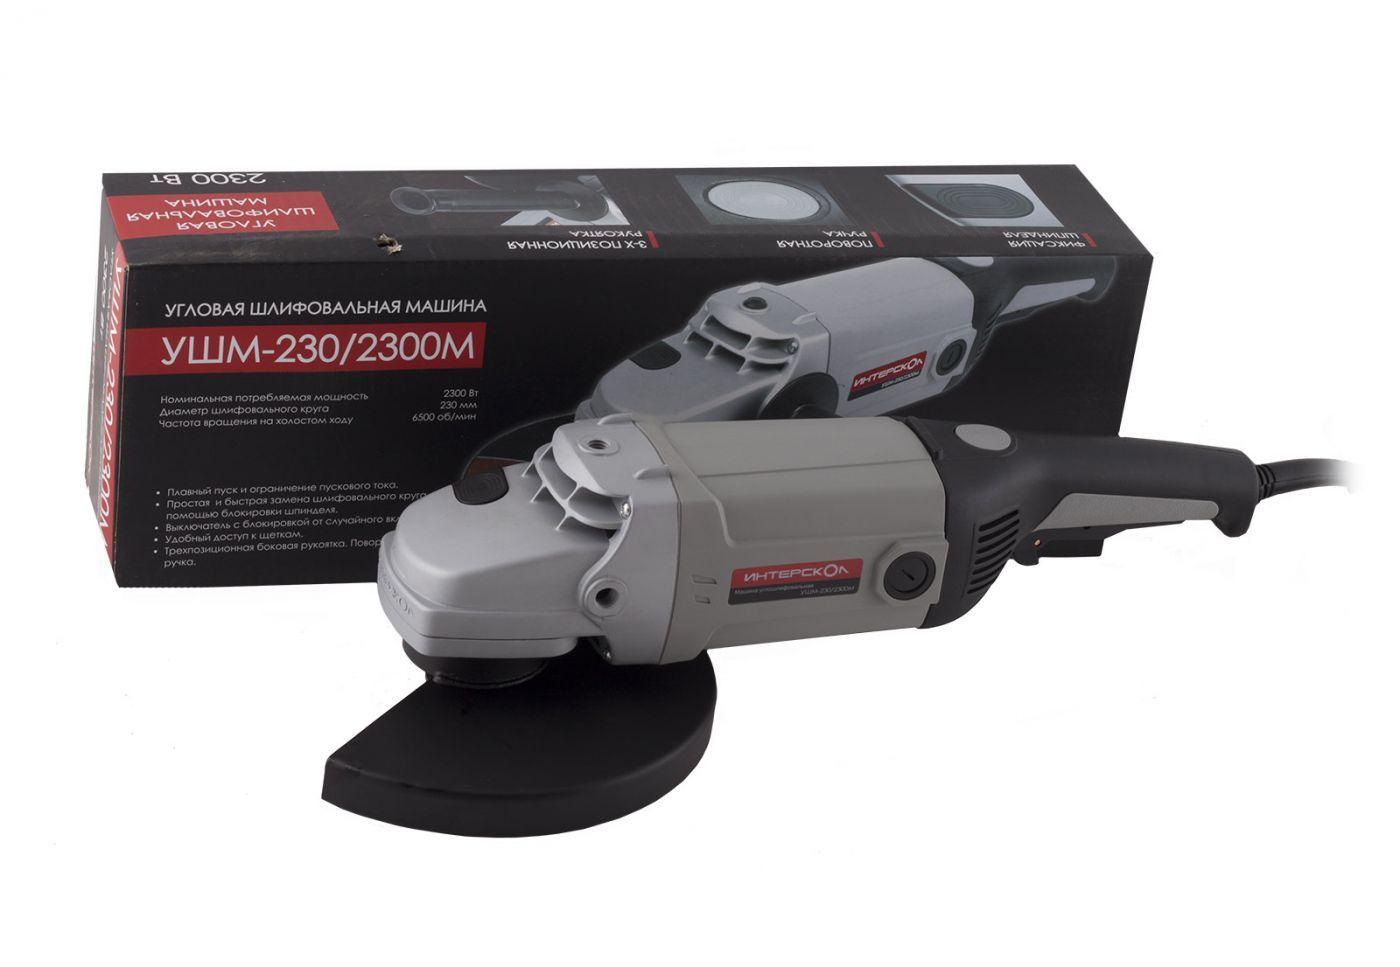 Болгарка с регулировкой оборотов: назначение маленьких ушм с дисками 115 мм и 125 мм. особенности регулятора. как уменьшить обороты на угловой шлифовальной машине?